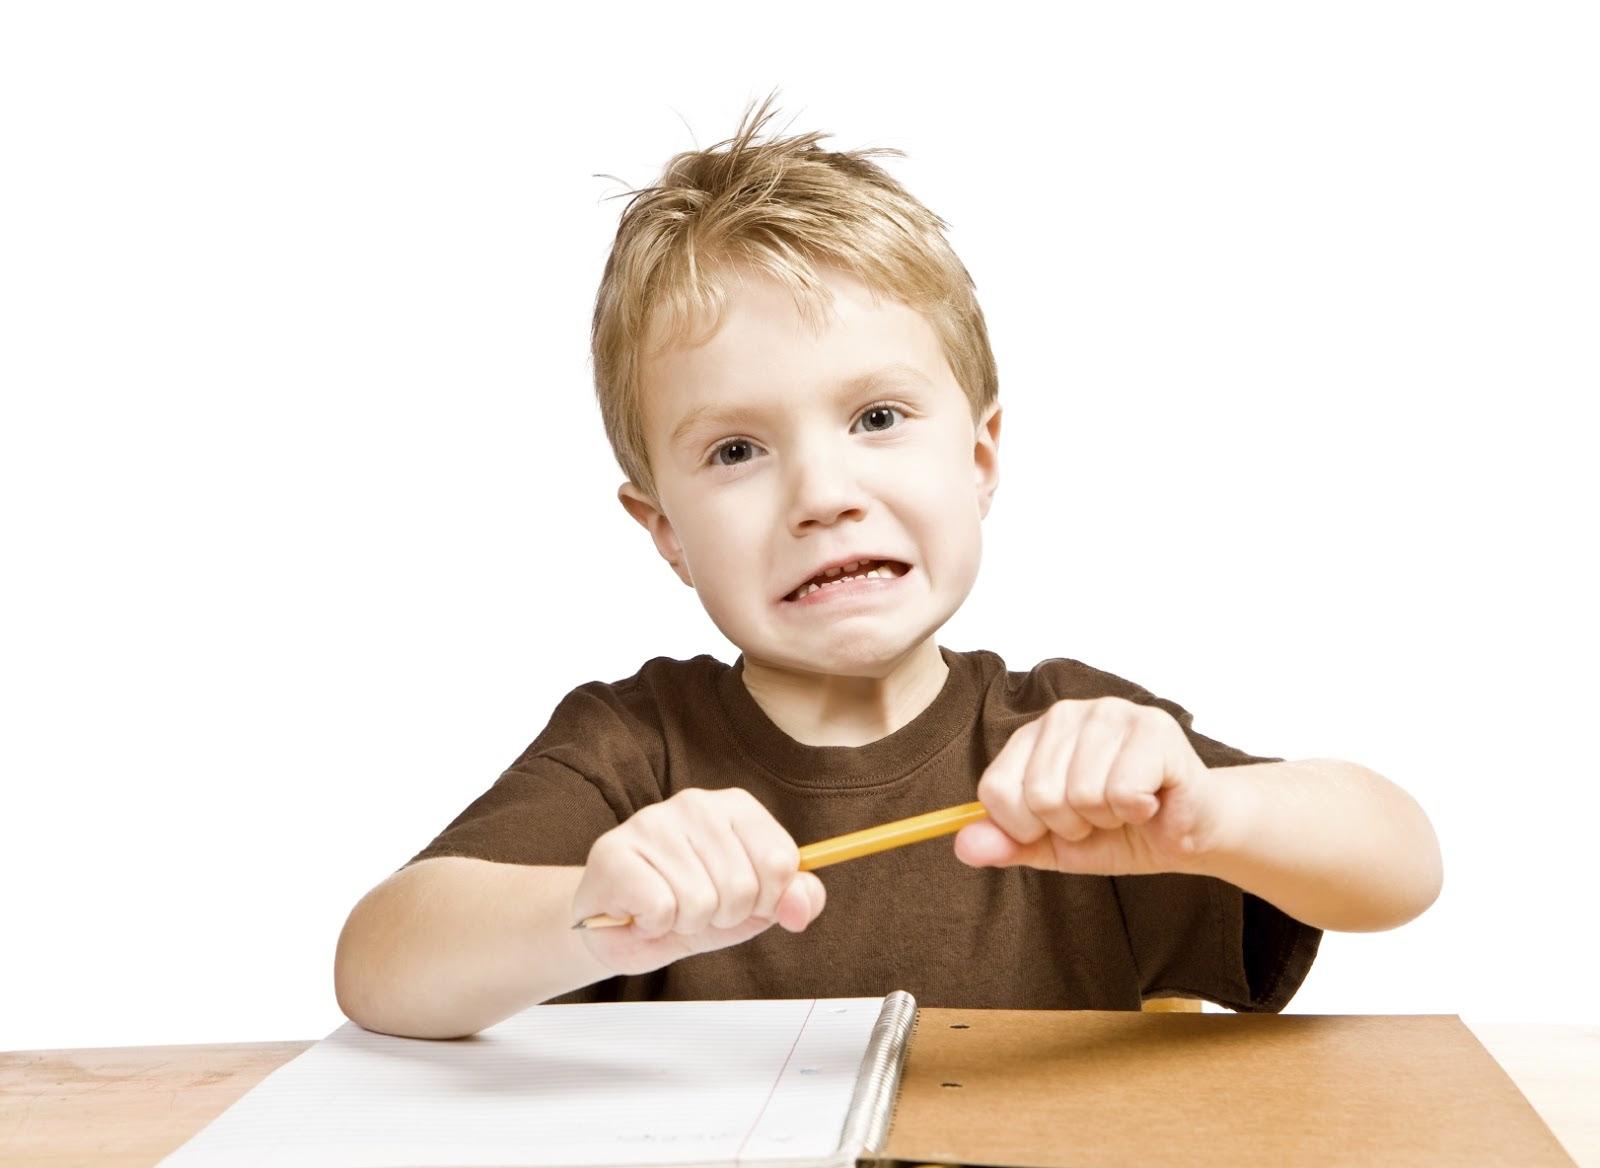 FOTO: um menino com um lápis na mão, como quem tenta quebrá-lo de nervoso